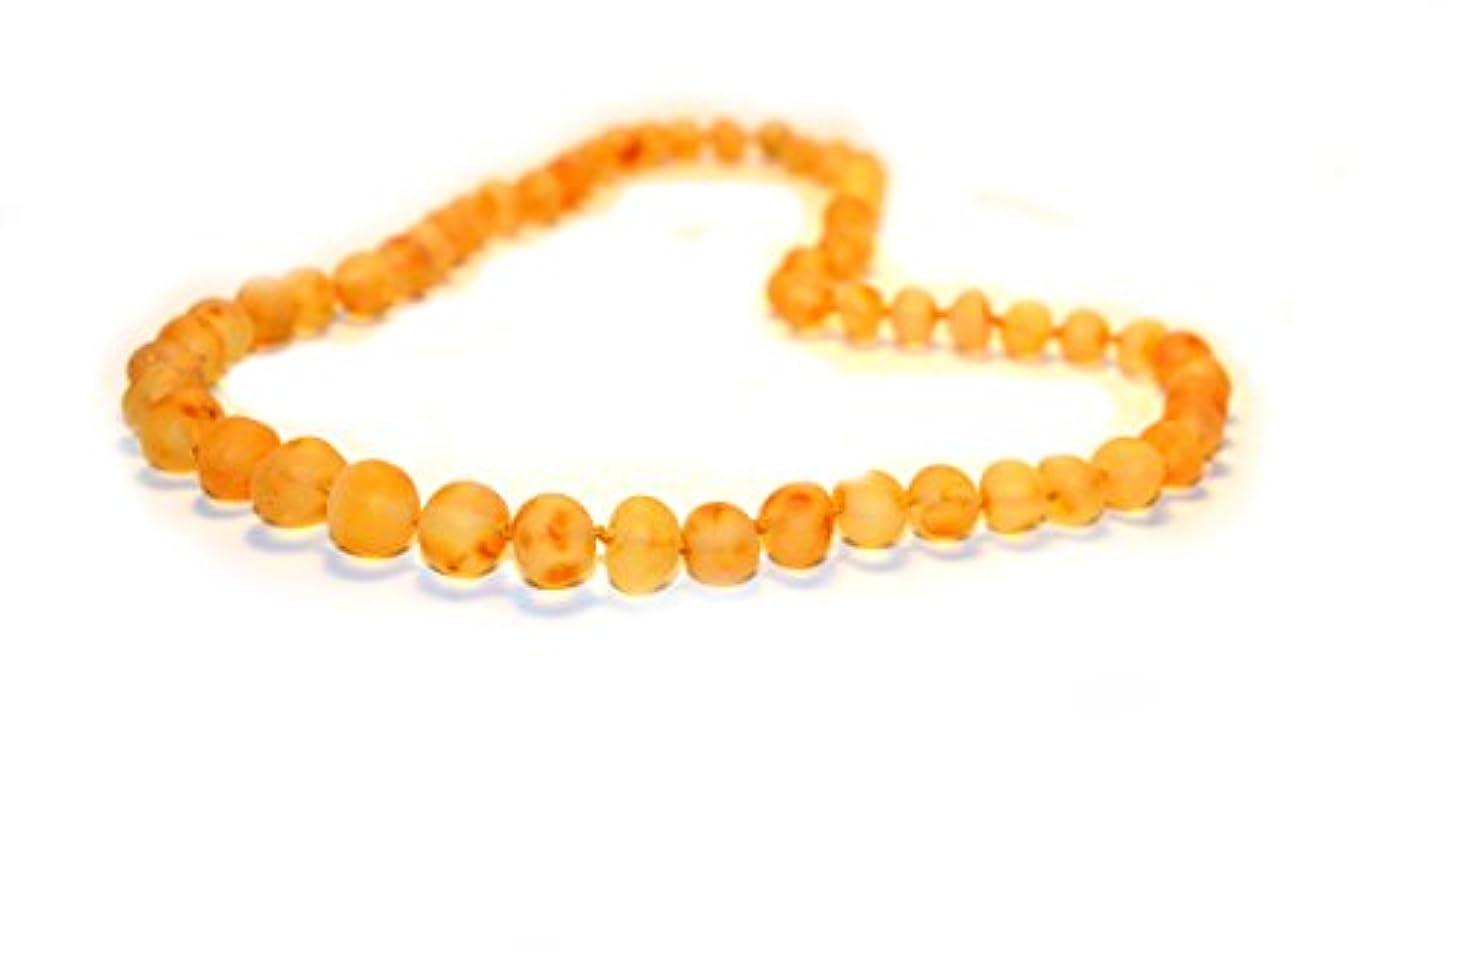 ケーキ残酷な代理人Raw Amberネックレス大人用 – 18 – 21.6インチ – amberjewelry – Madeから未研磨/ Authentic Baltic Amberビーズ 17.7 inches (45 cm) イエロー